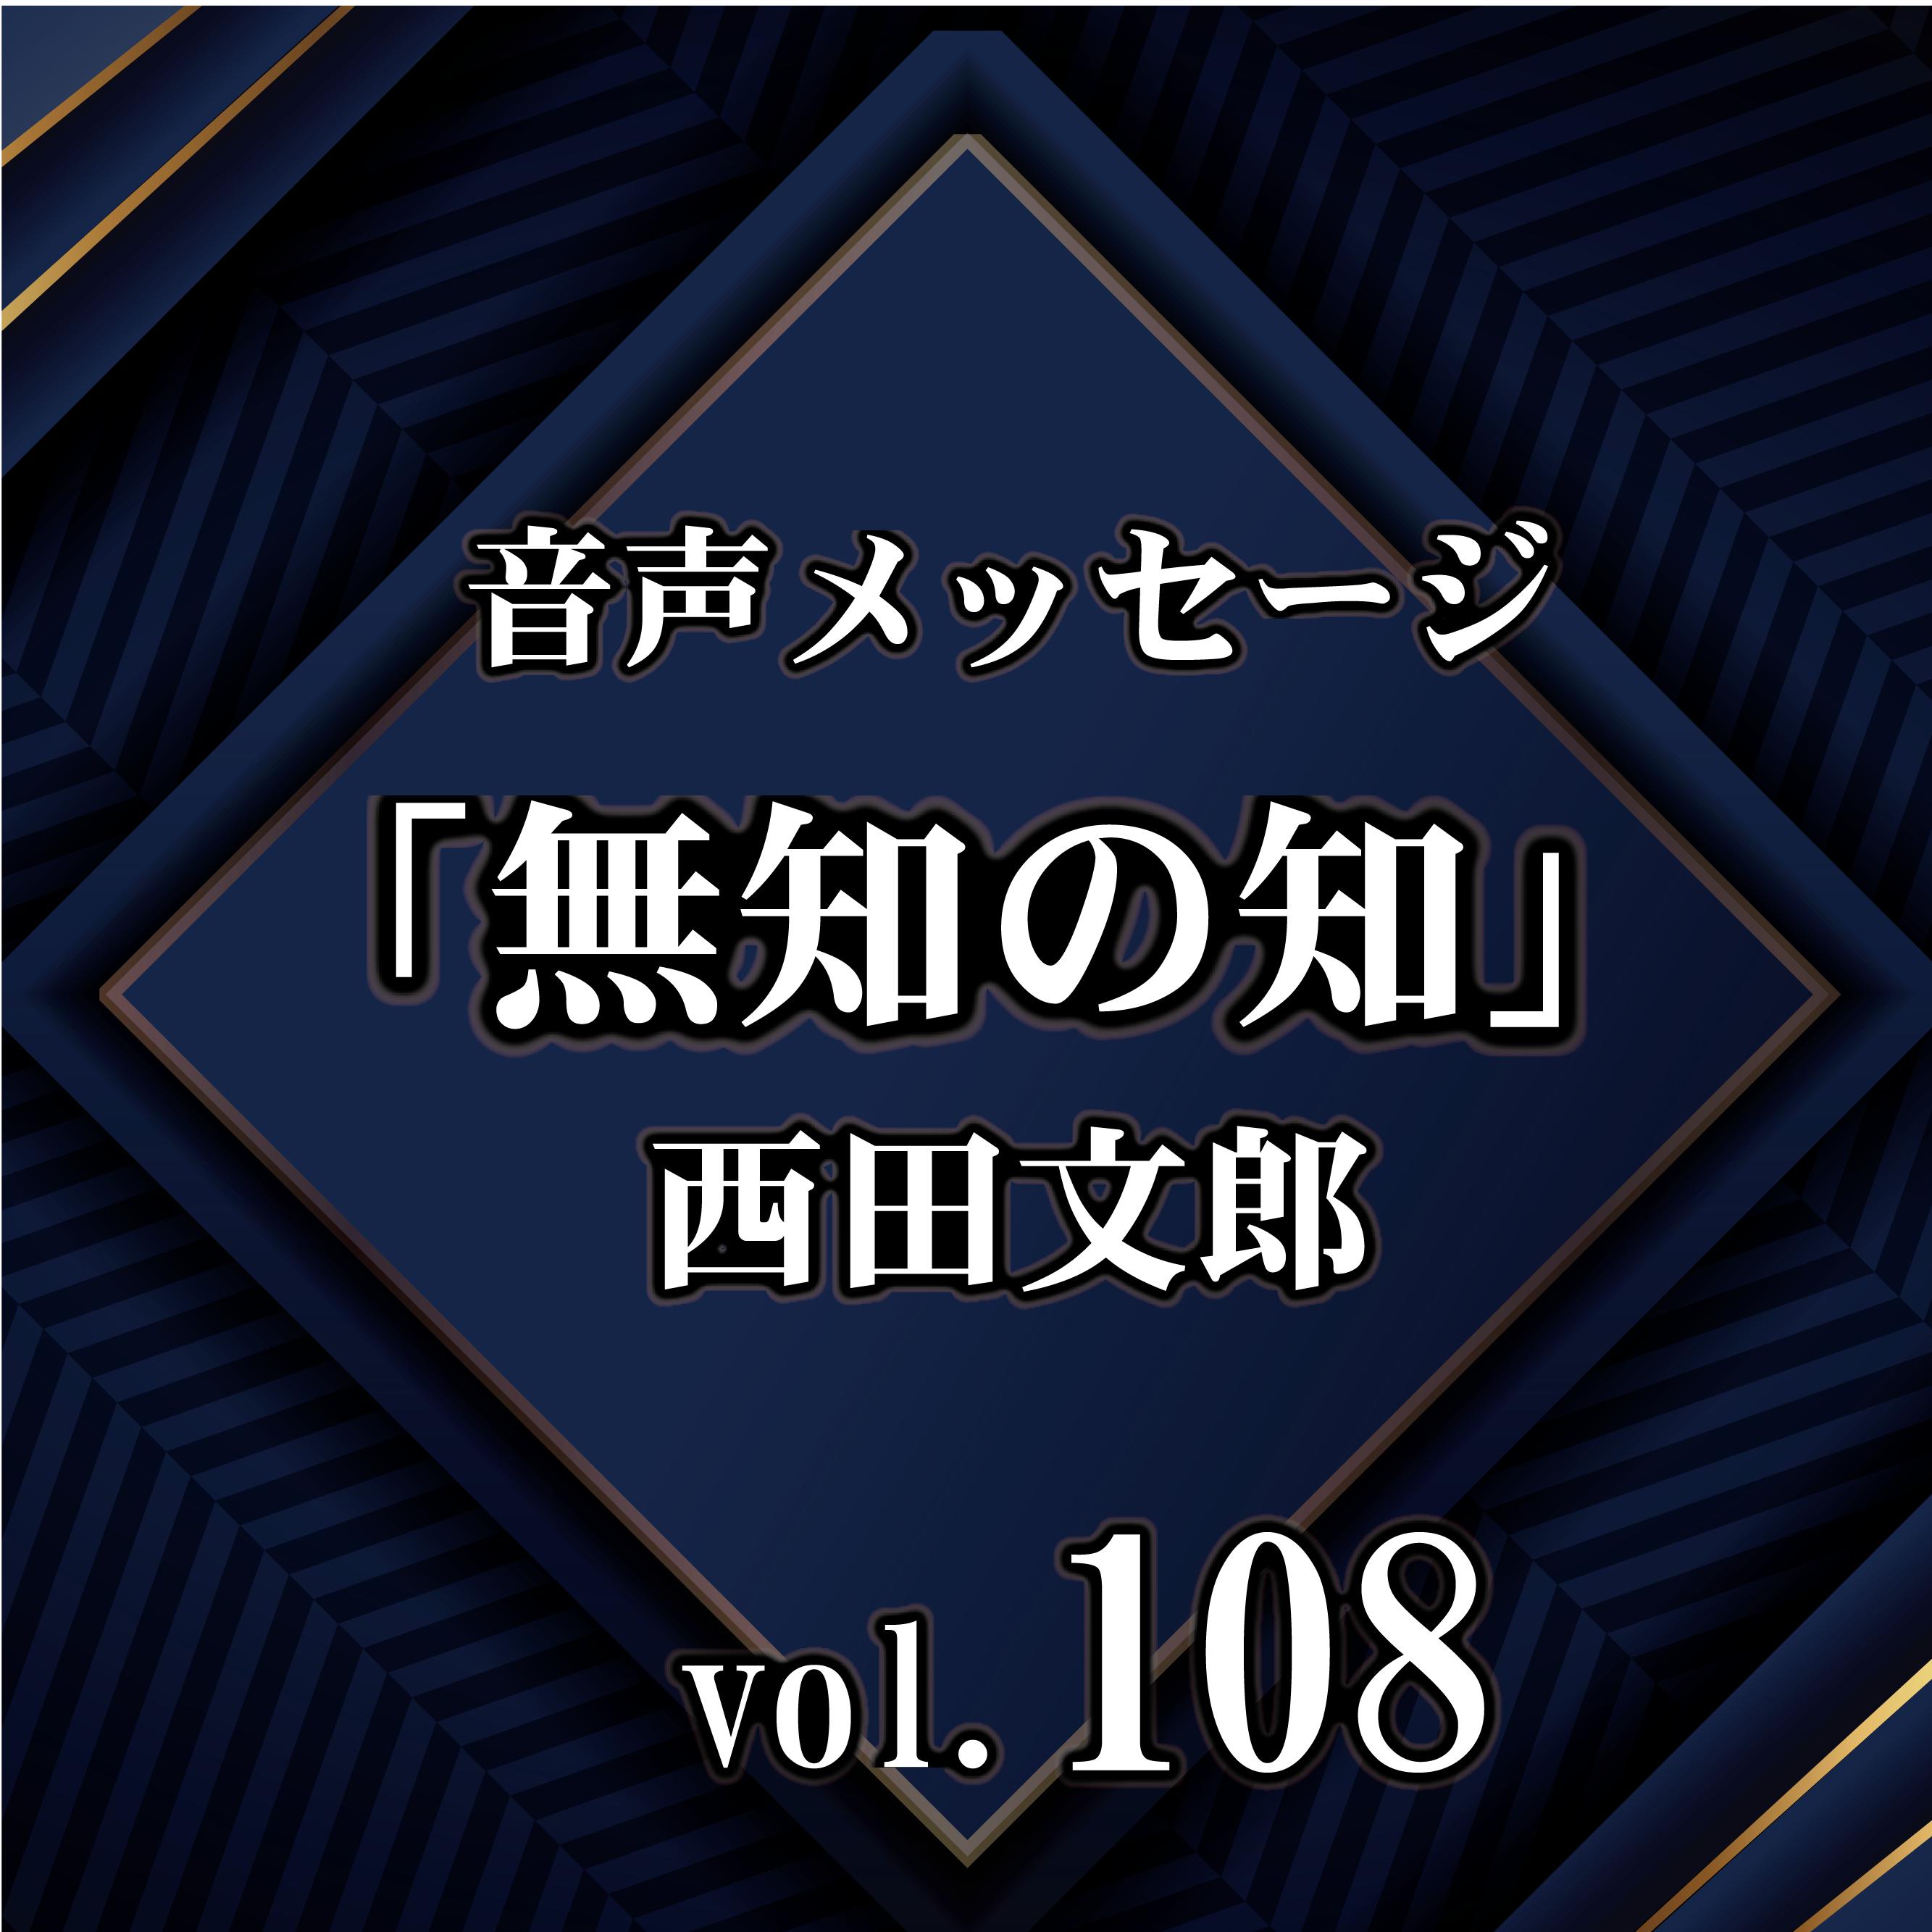 西田文郎 音声メッセージvol.108『無知の知』